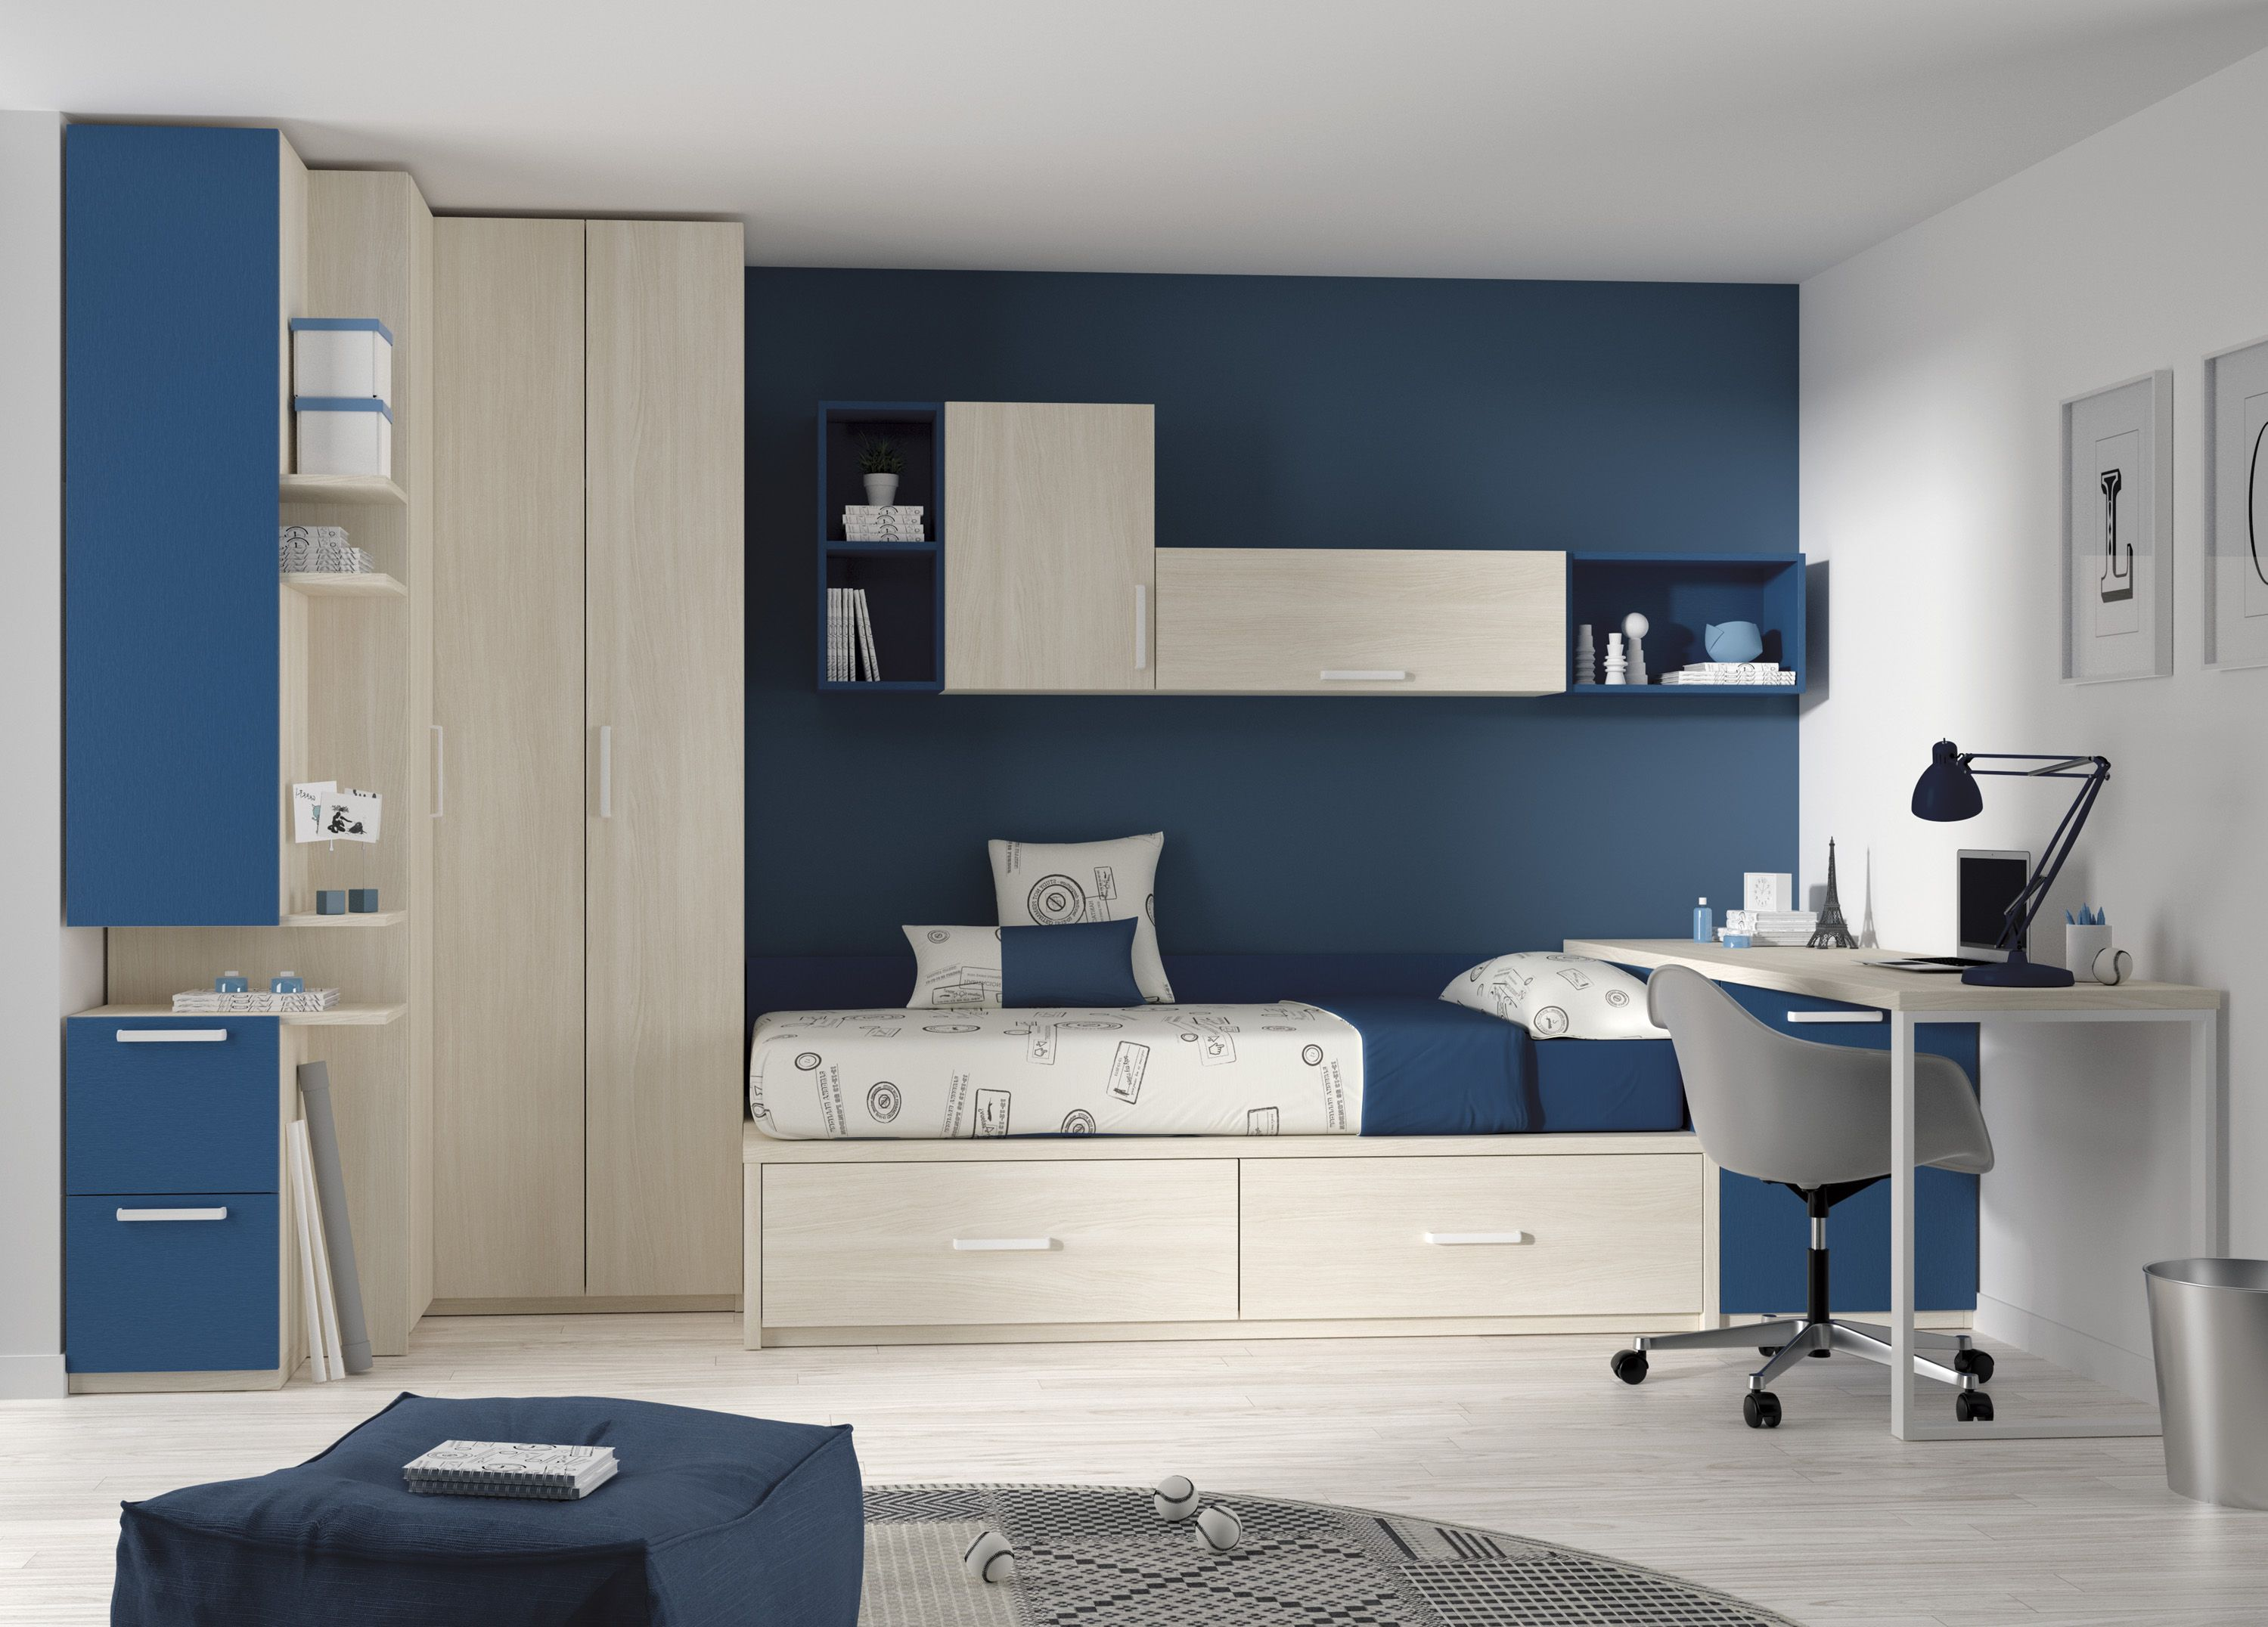 Estupendas y originales ideas para amueblar un dormitorio for Habitaciones juveniles originales